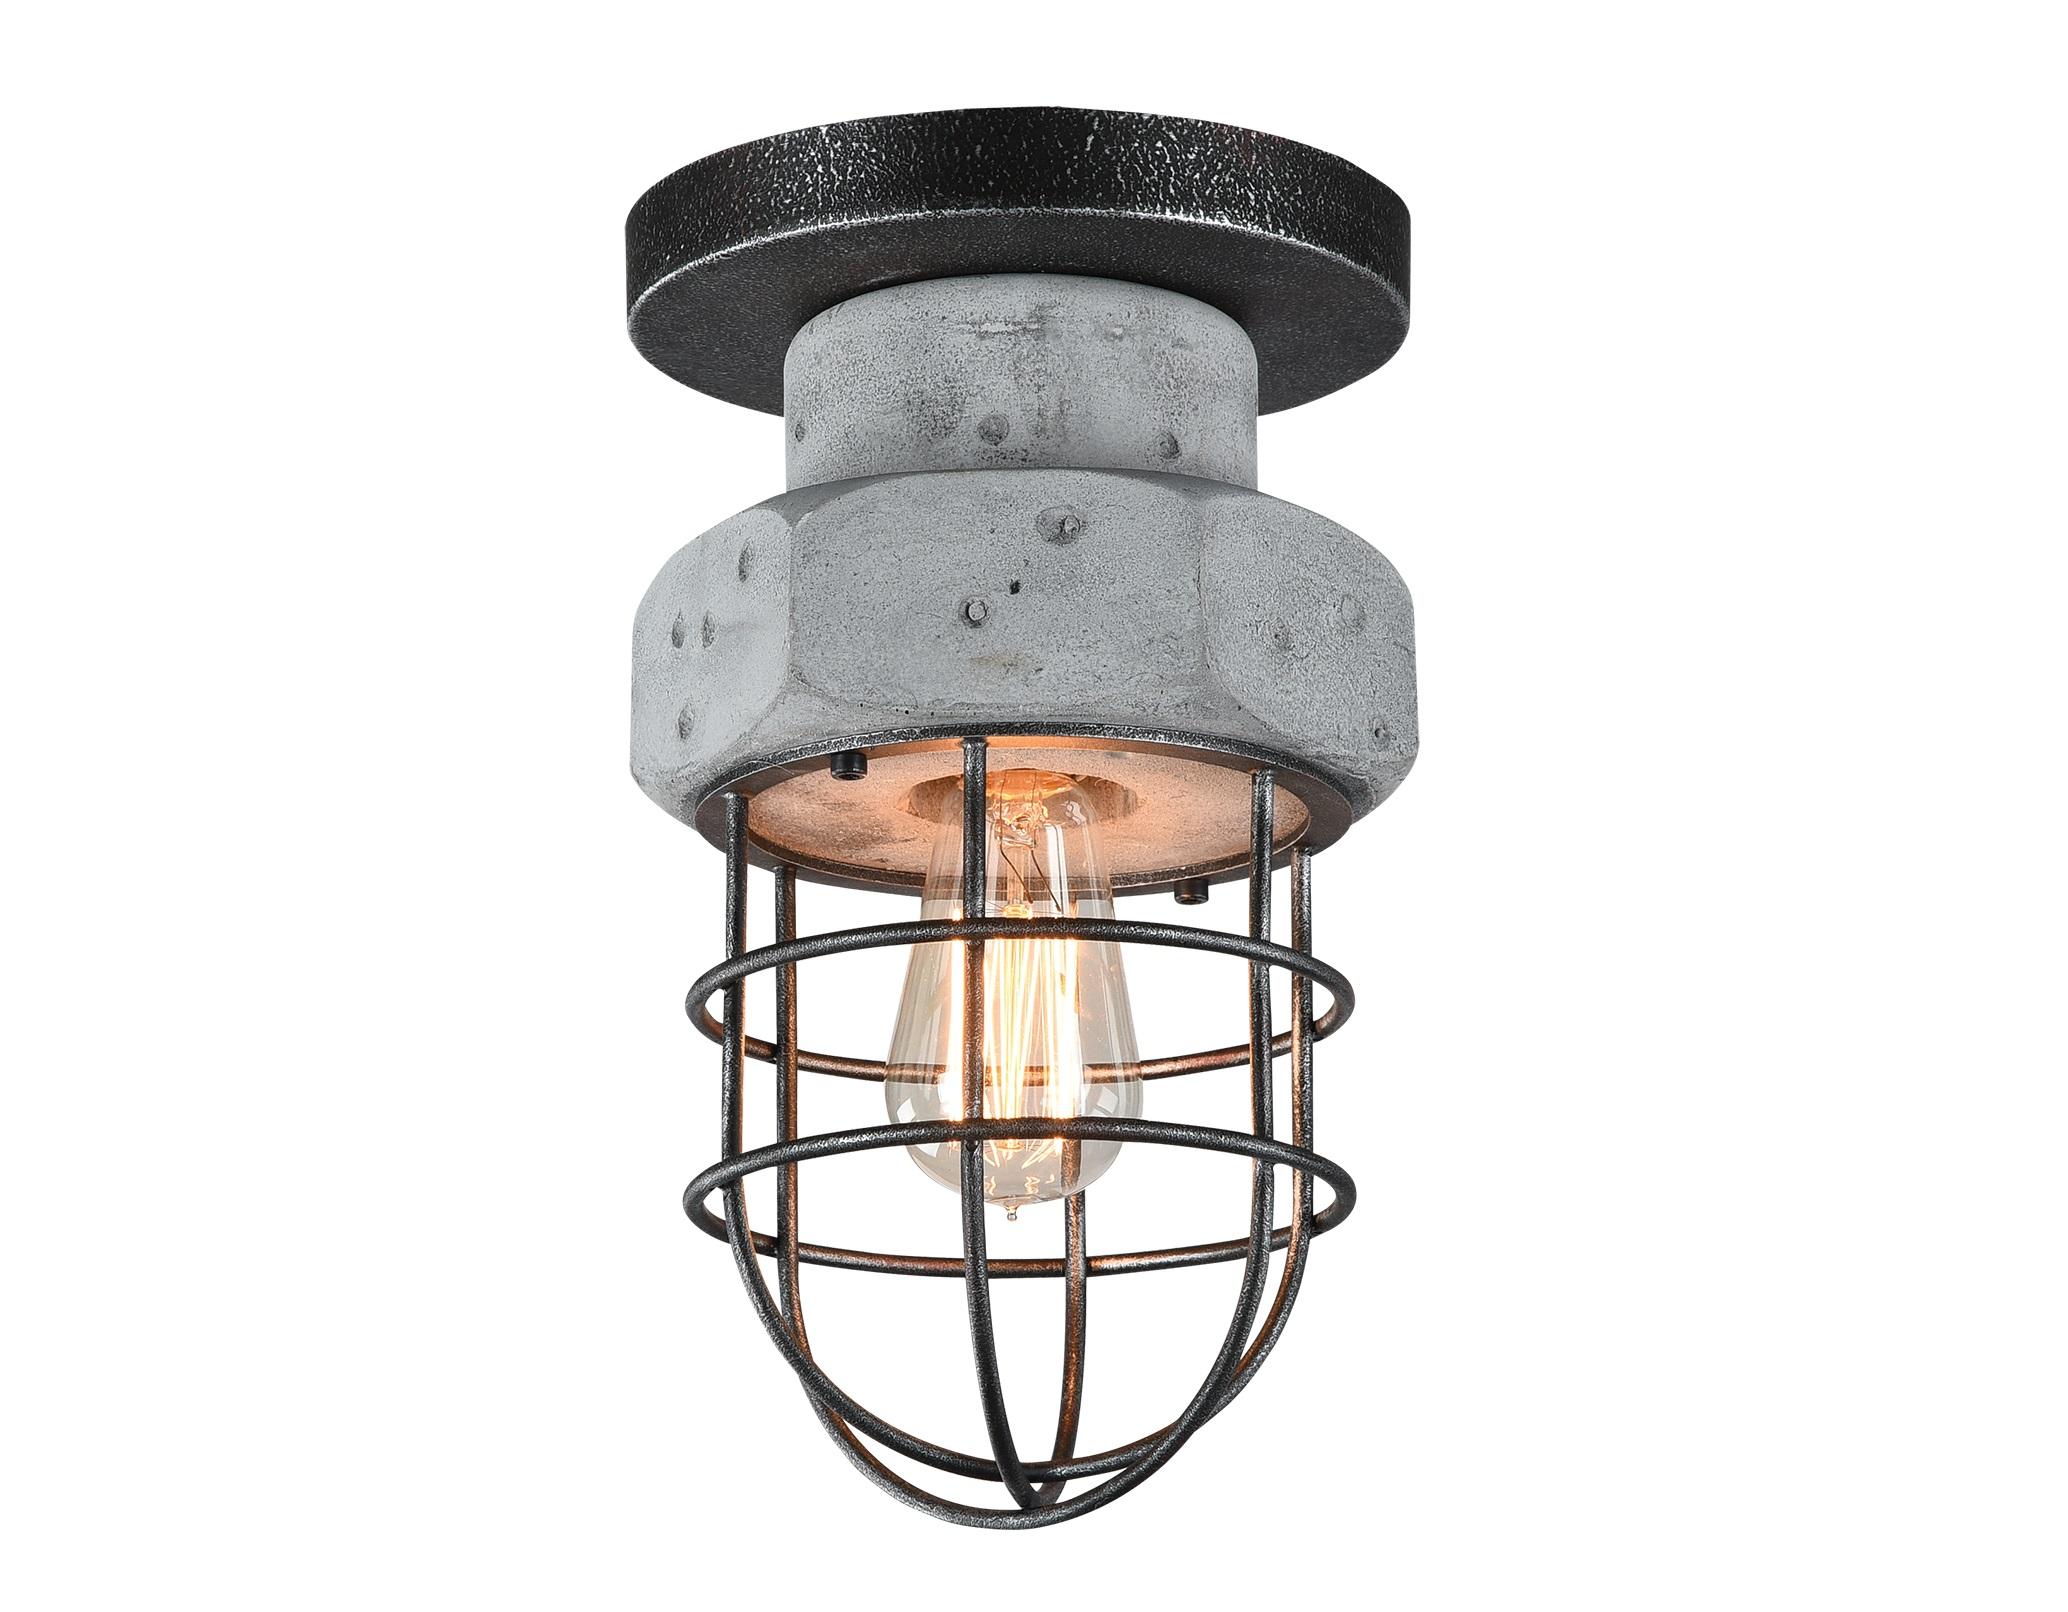 Потолочный светильникПодвесные светильники<br>&amp;lt;div&amp;gt;&amp;lt;div&amp;gt;Вид цоколя: E27&amp;lt;/div&amp;gt;&amp;lt;div&amp;gt;Мощность: 60W&amp;lt;/div&amp;gt;&amp;lt;div&amp;gt;Количество ламп: 1&amp;lt;/div&amp;gt;&amp;lt;div&amp;gt;Наличие ламп: да.&amp;lt;/div&amp;gt;&amp;lt;/div&amp;gt;<br><br>Material: Металл<br>Width см: None<br>Height см: 30<br>Diameter см: 18